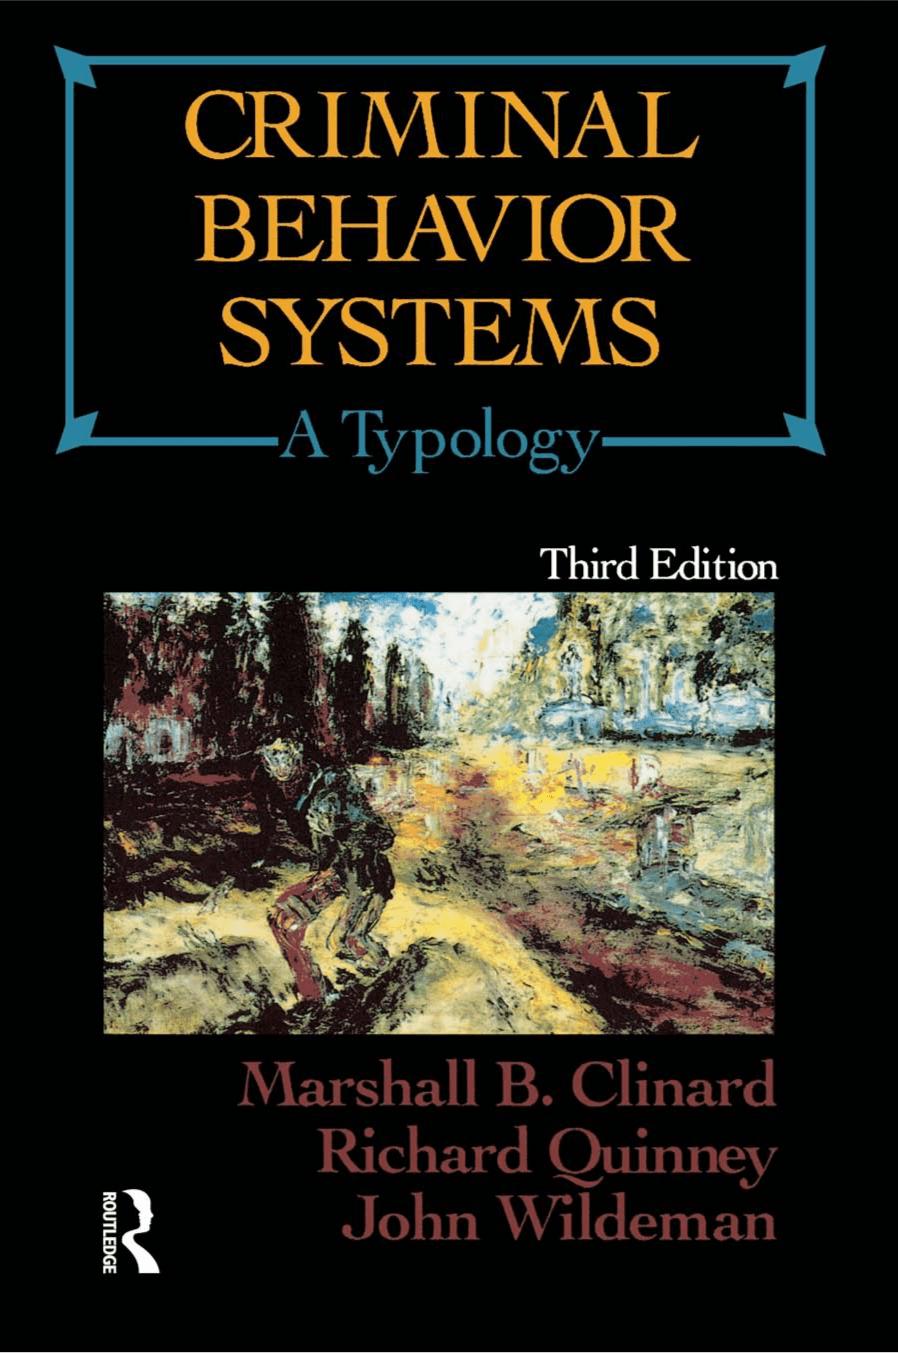 criminal behavior system